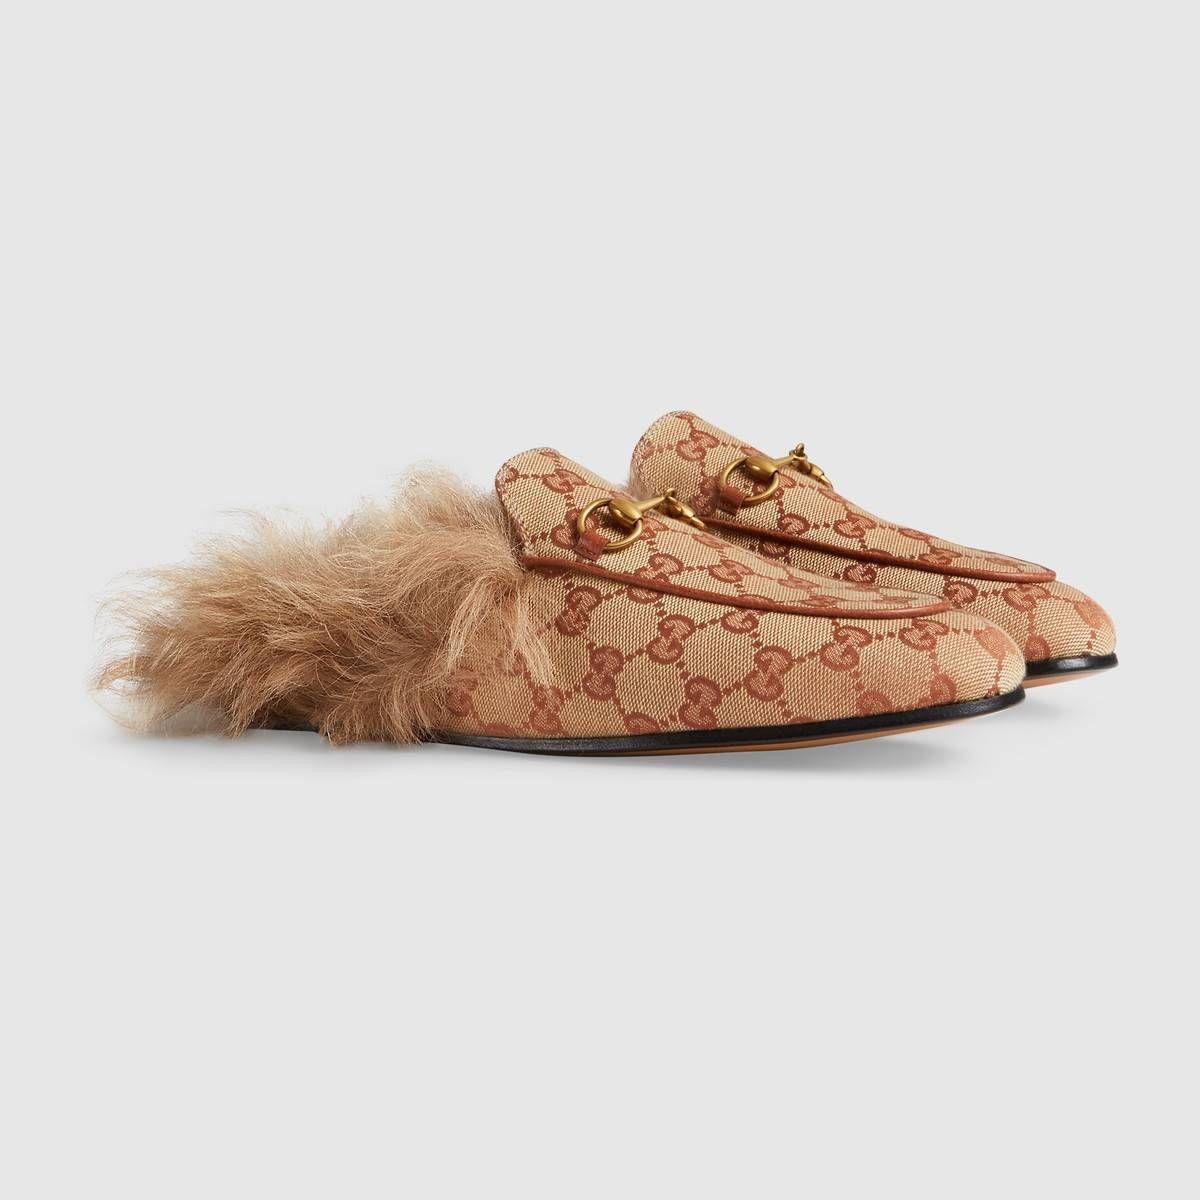 e2197c922262 Gucci - Princetown GG canvas slipper ( 890) Gucci Slipper